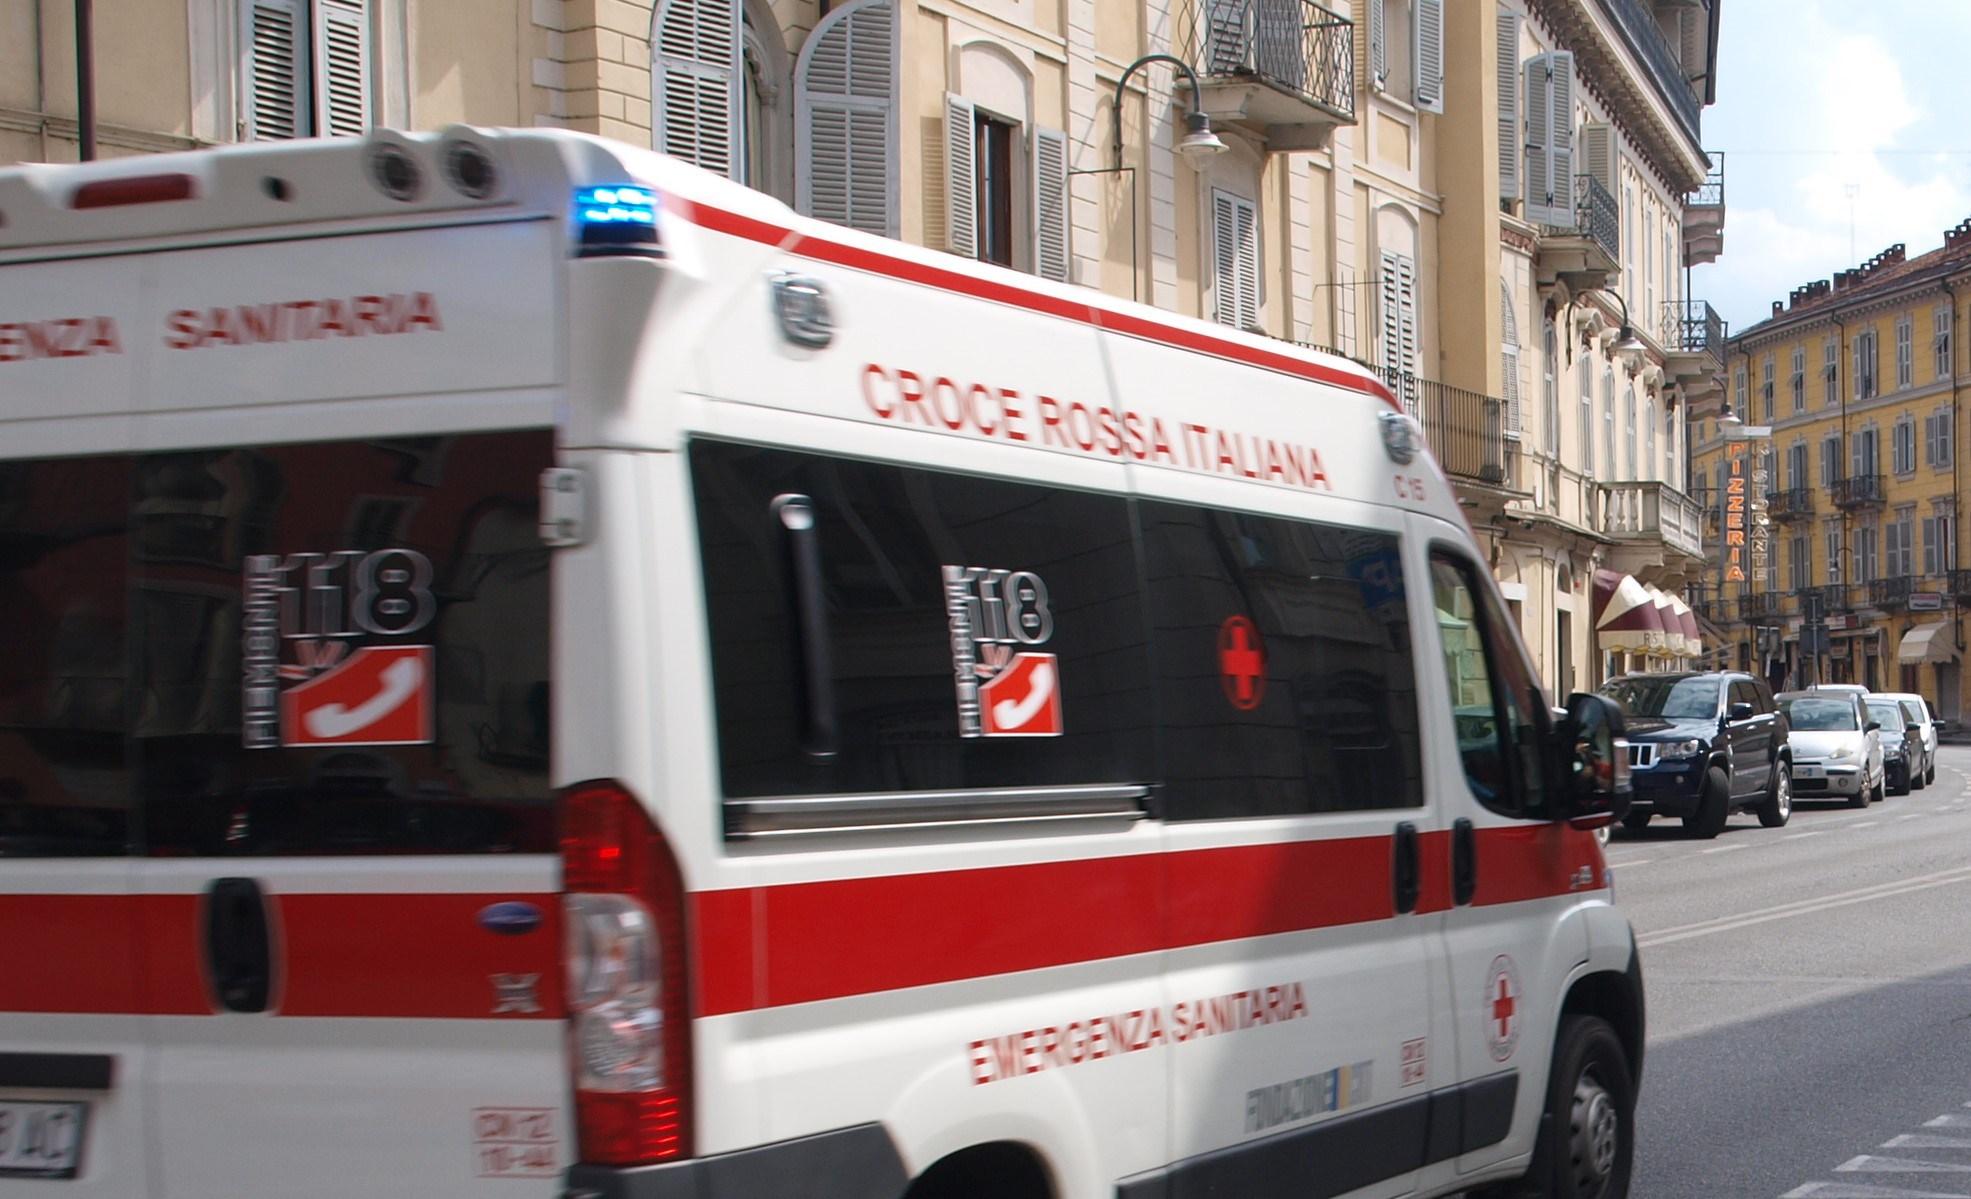 Terribile scontro scooter contro auto due giovani feriti, uno gravissimo